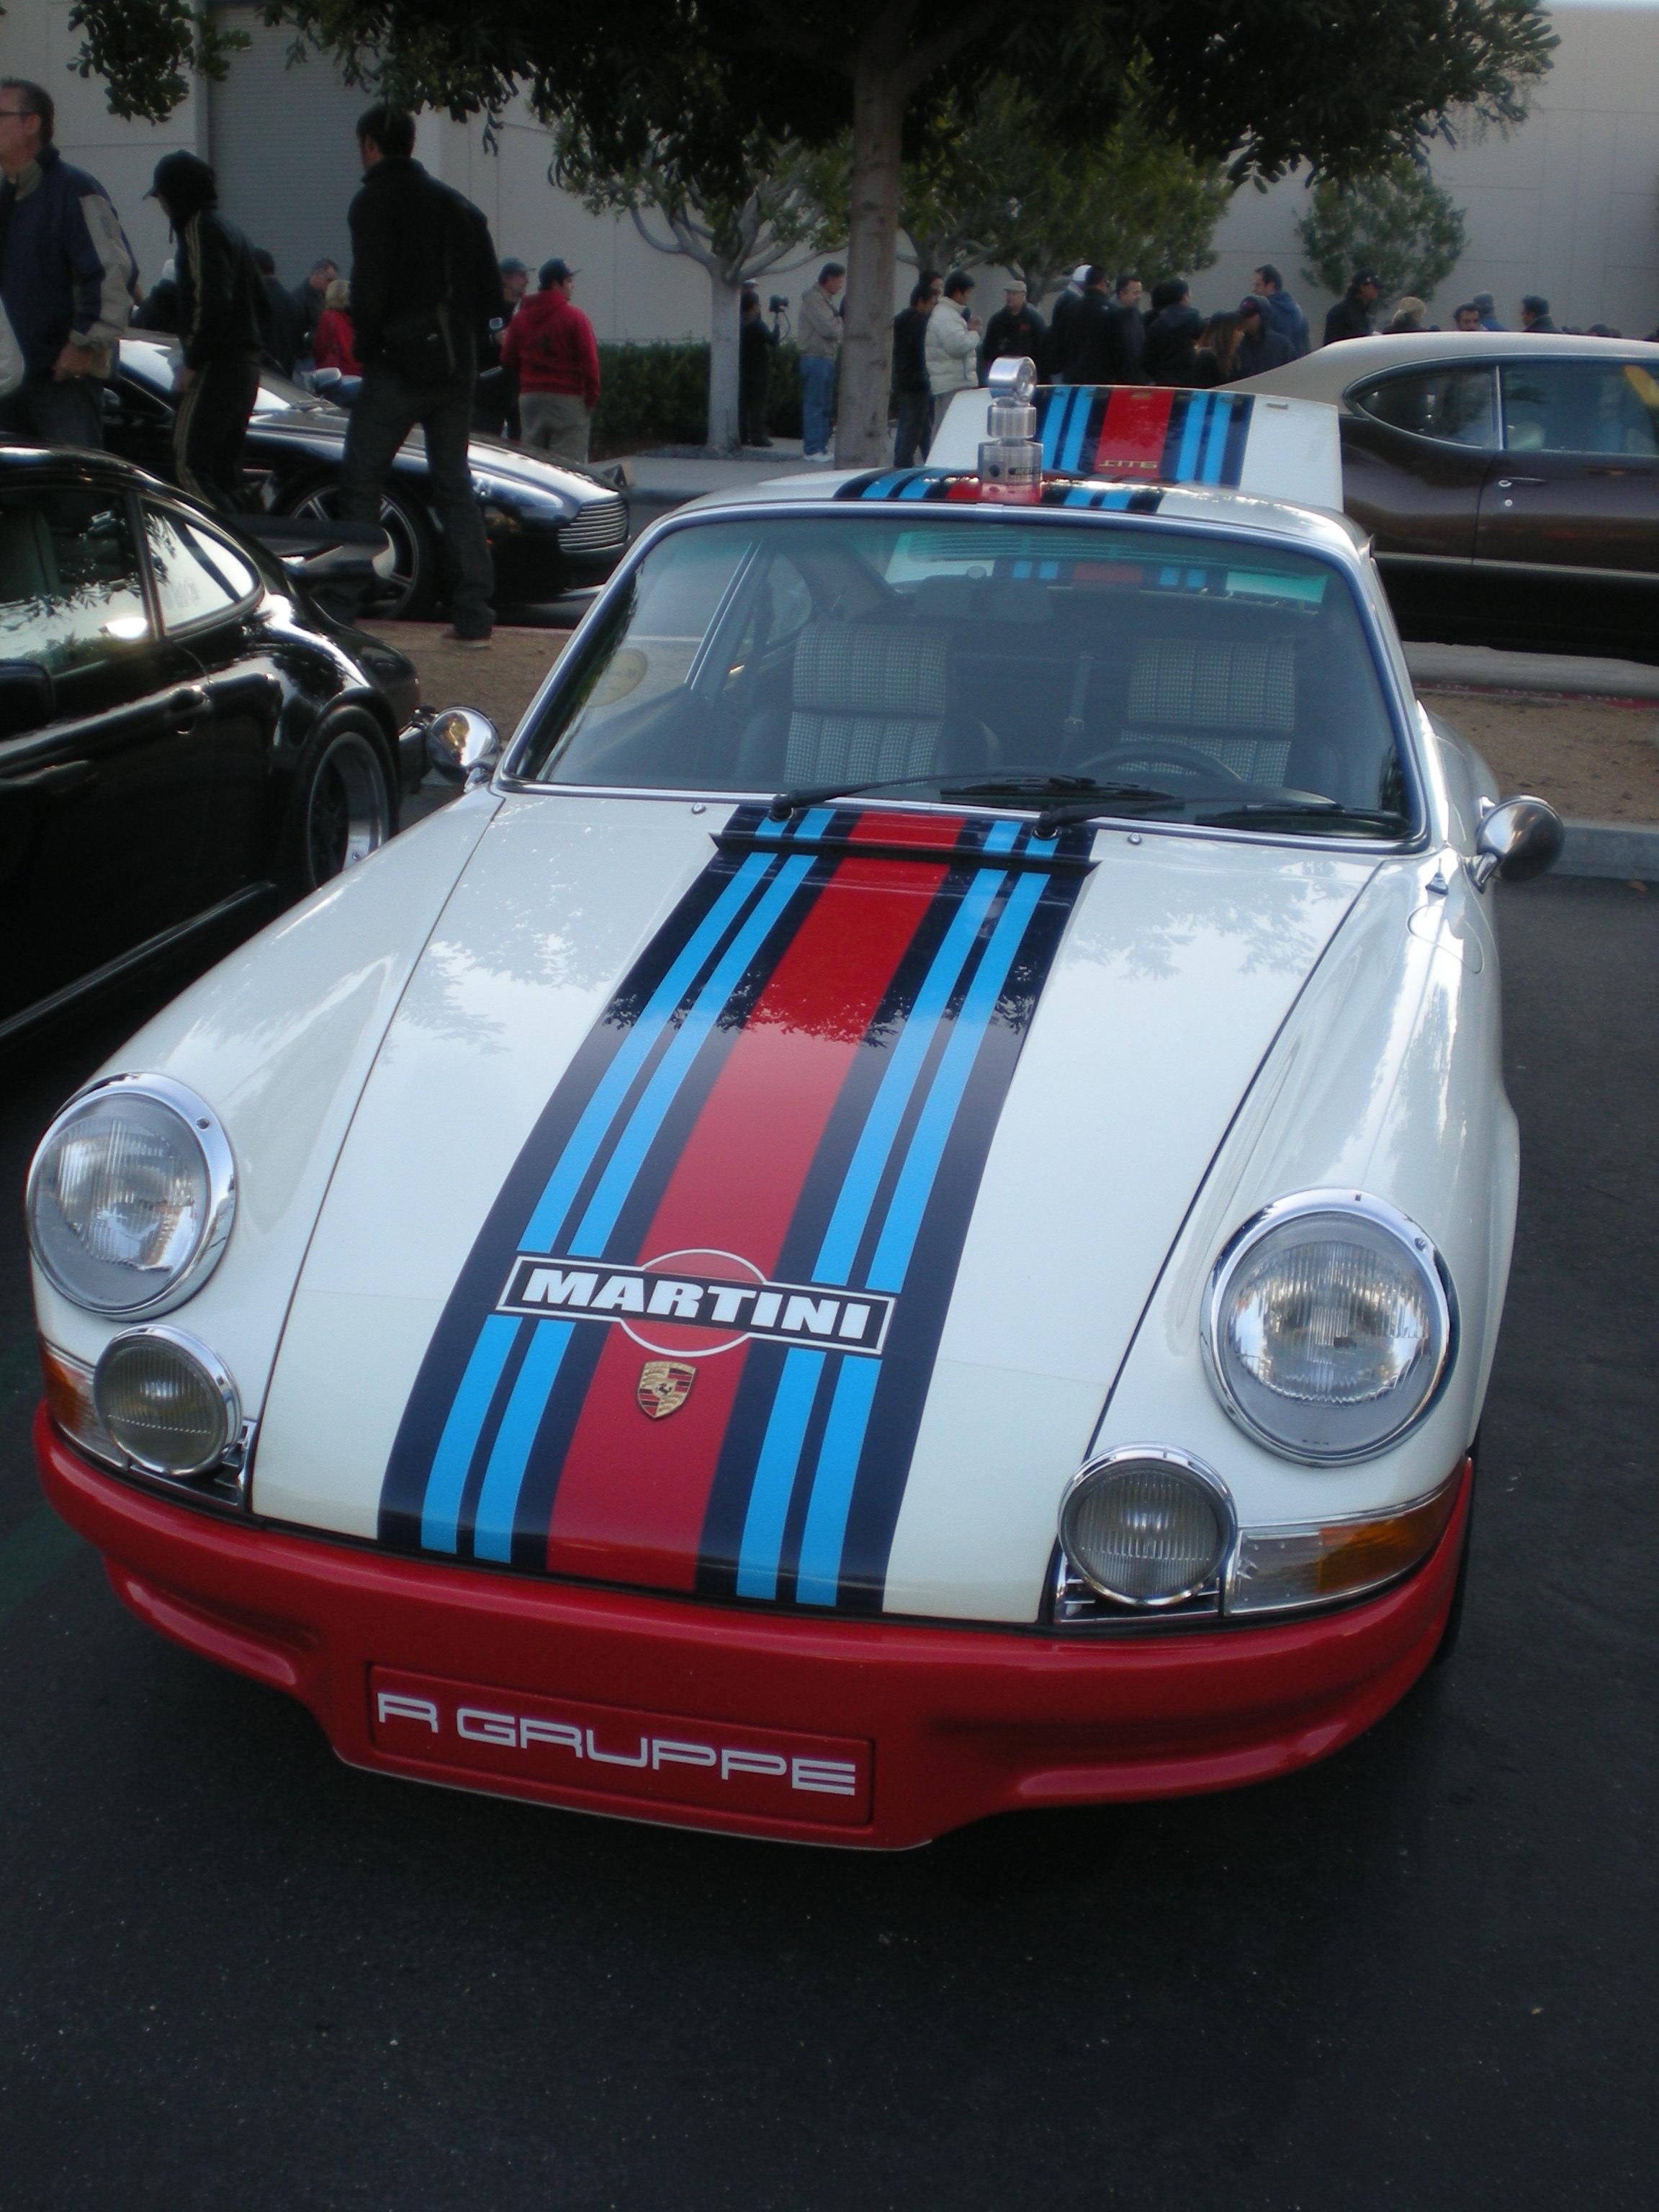 Porsche Gt3 Cup Cars The Elusive White Gt3 Rs4 0 A Scion